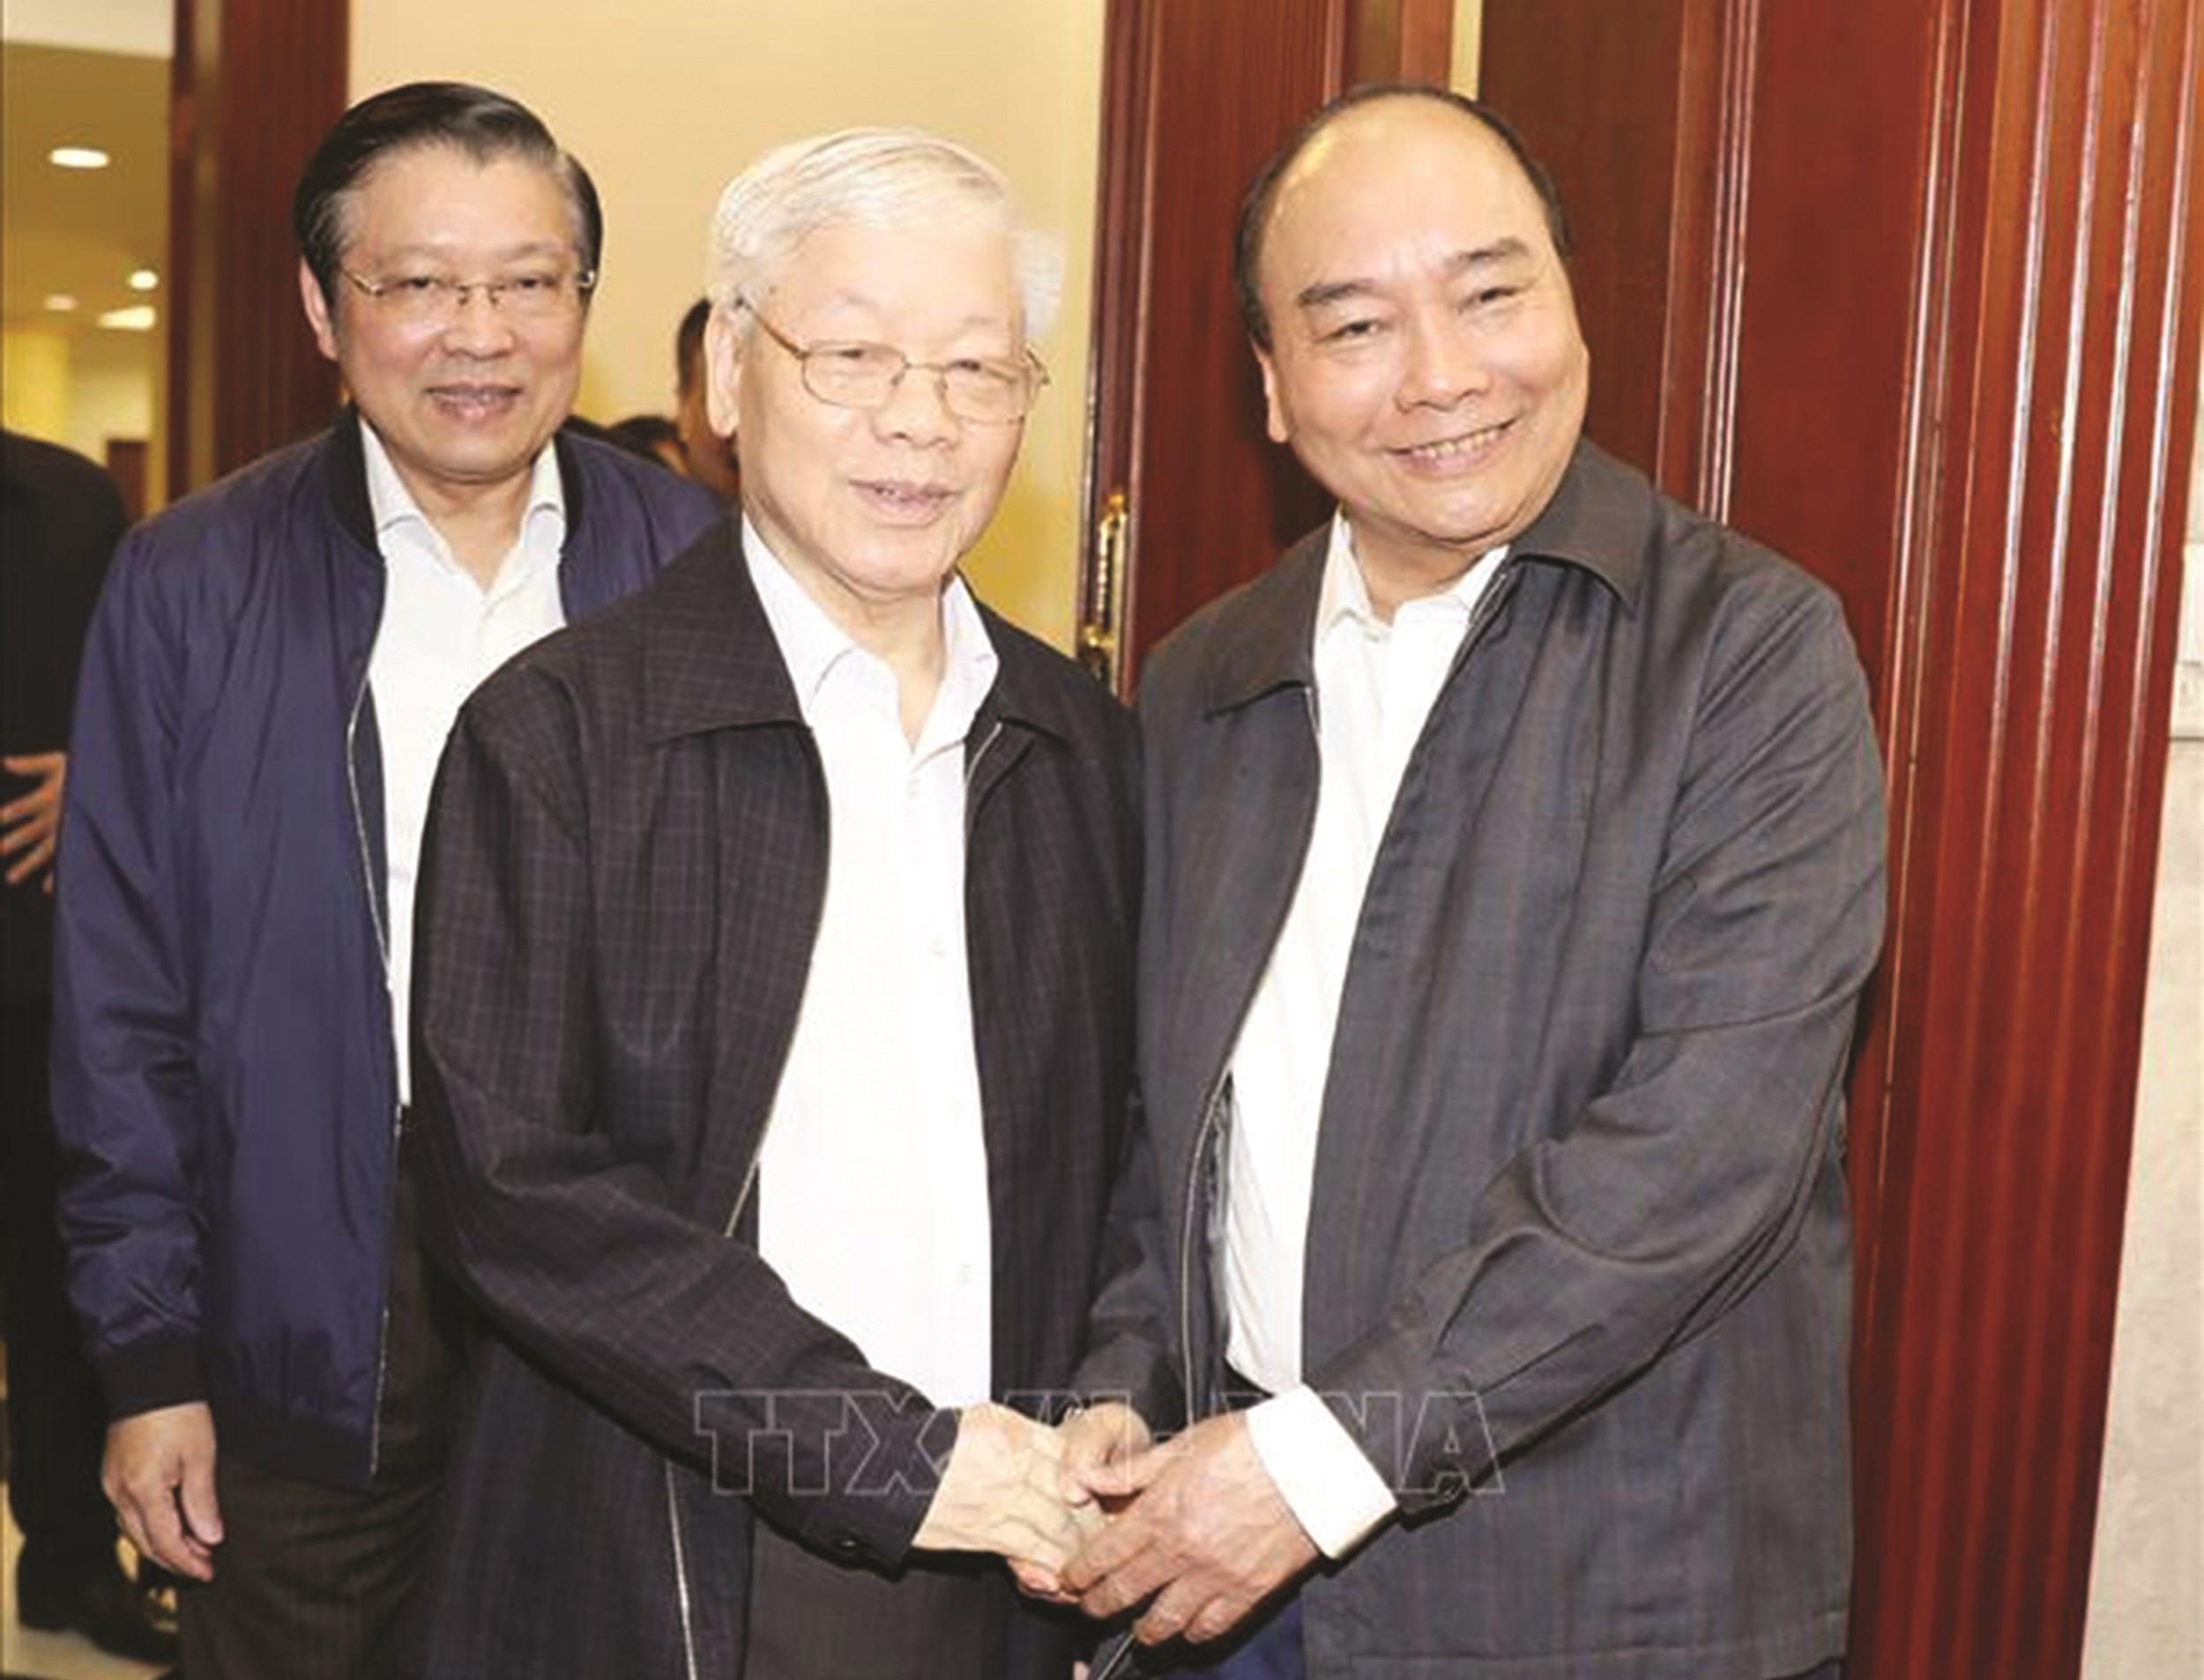 Tổng Bí thư, Chủ tịch nước Nguyễn Phú Trọng và Thủ tướng Nguyễn Xuân Phúc dự cuộc họp. Ảnh: Trí Dũng/TTXVN